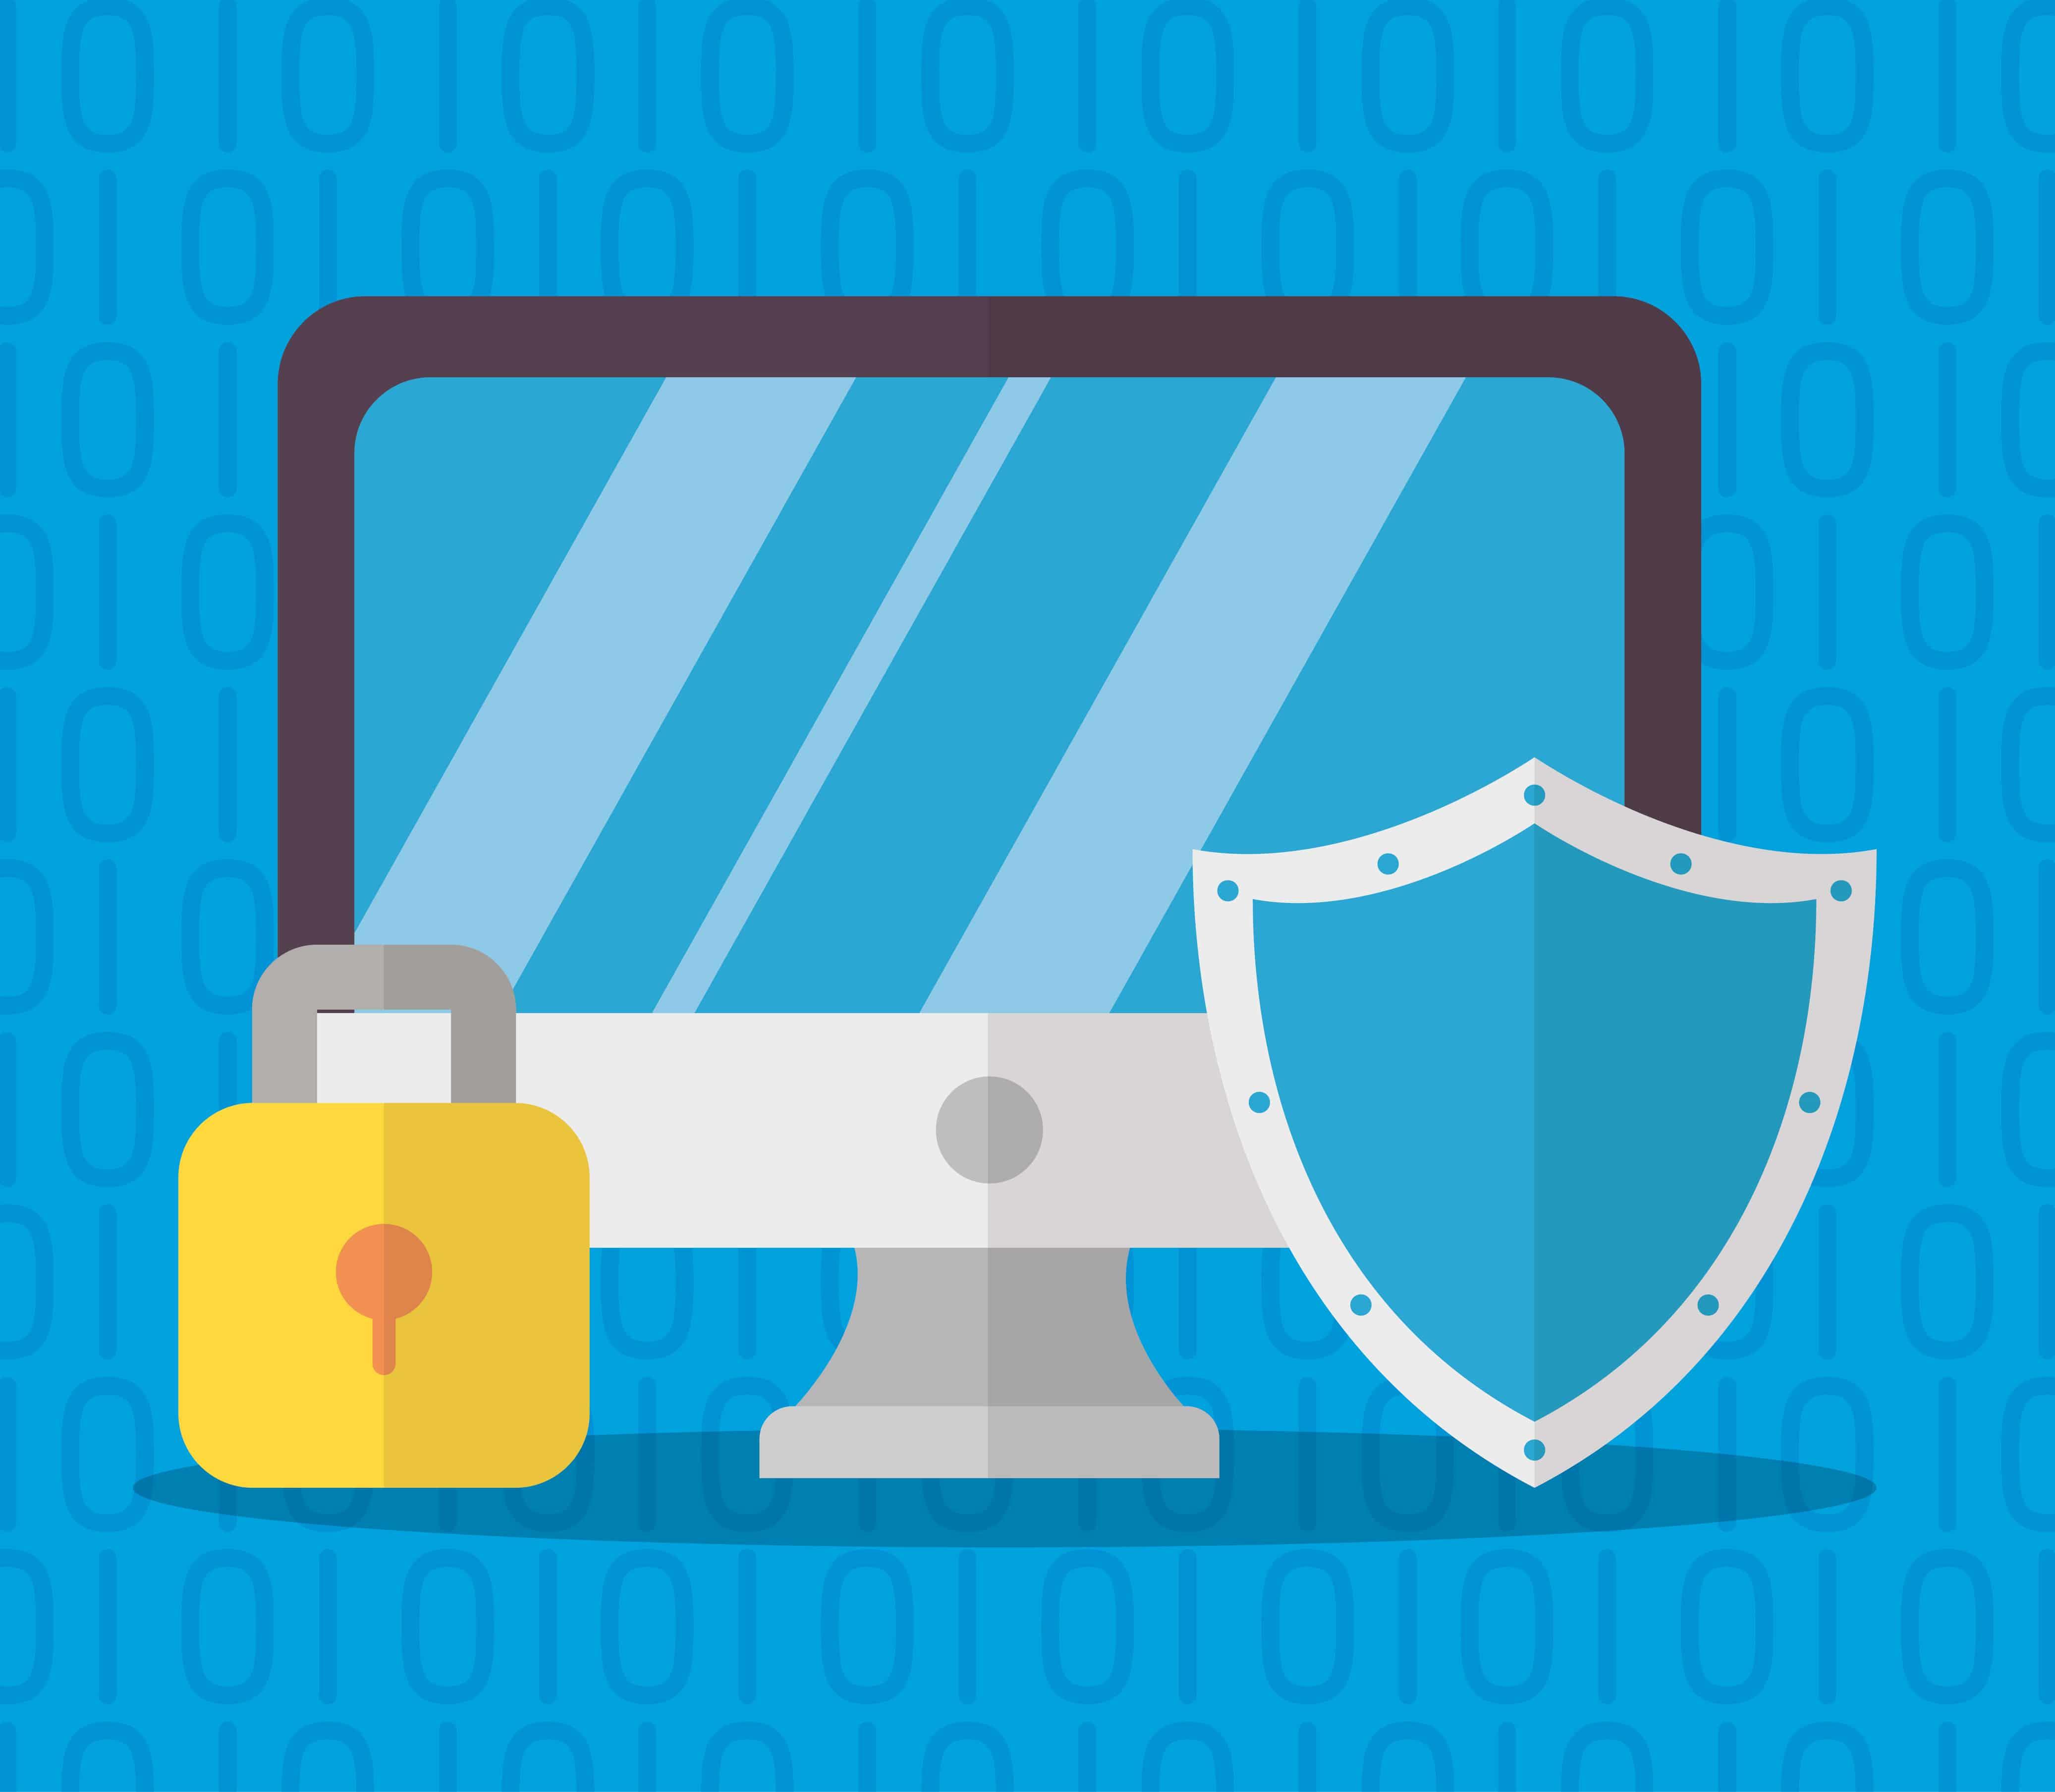 Imagem vetorizada de uma tela de computador e ao lado imagem de um cadeado e um escudo